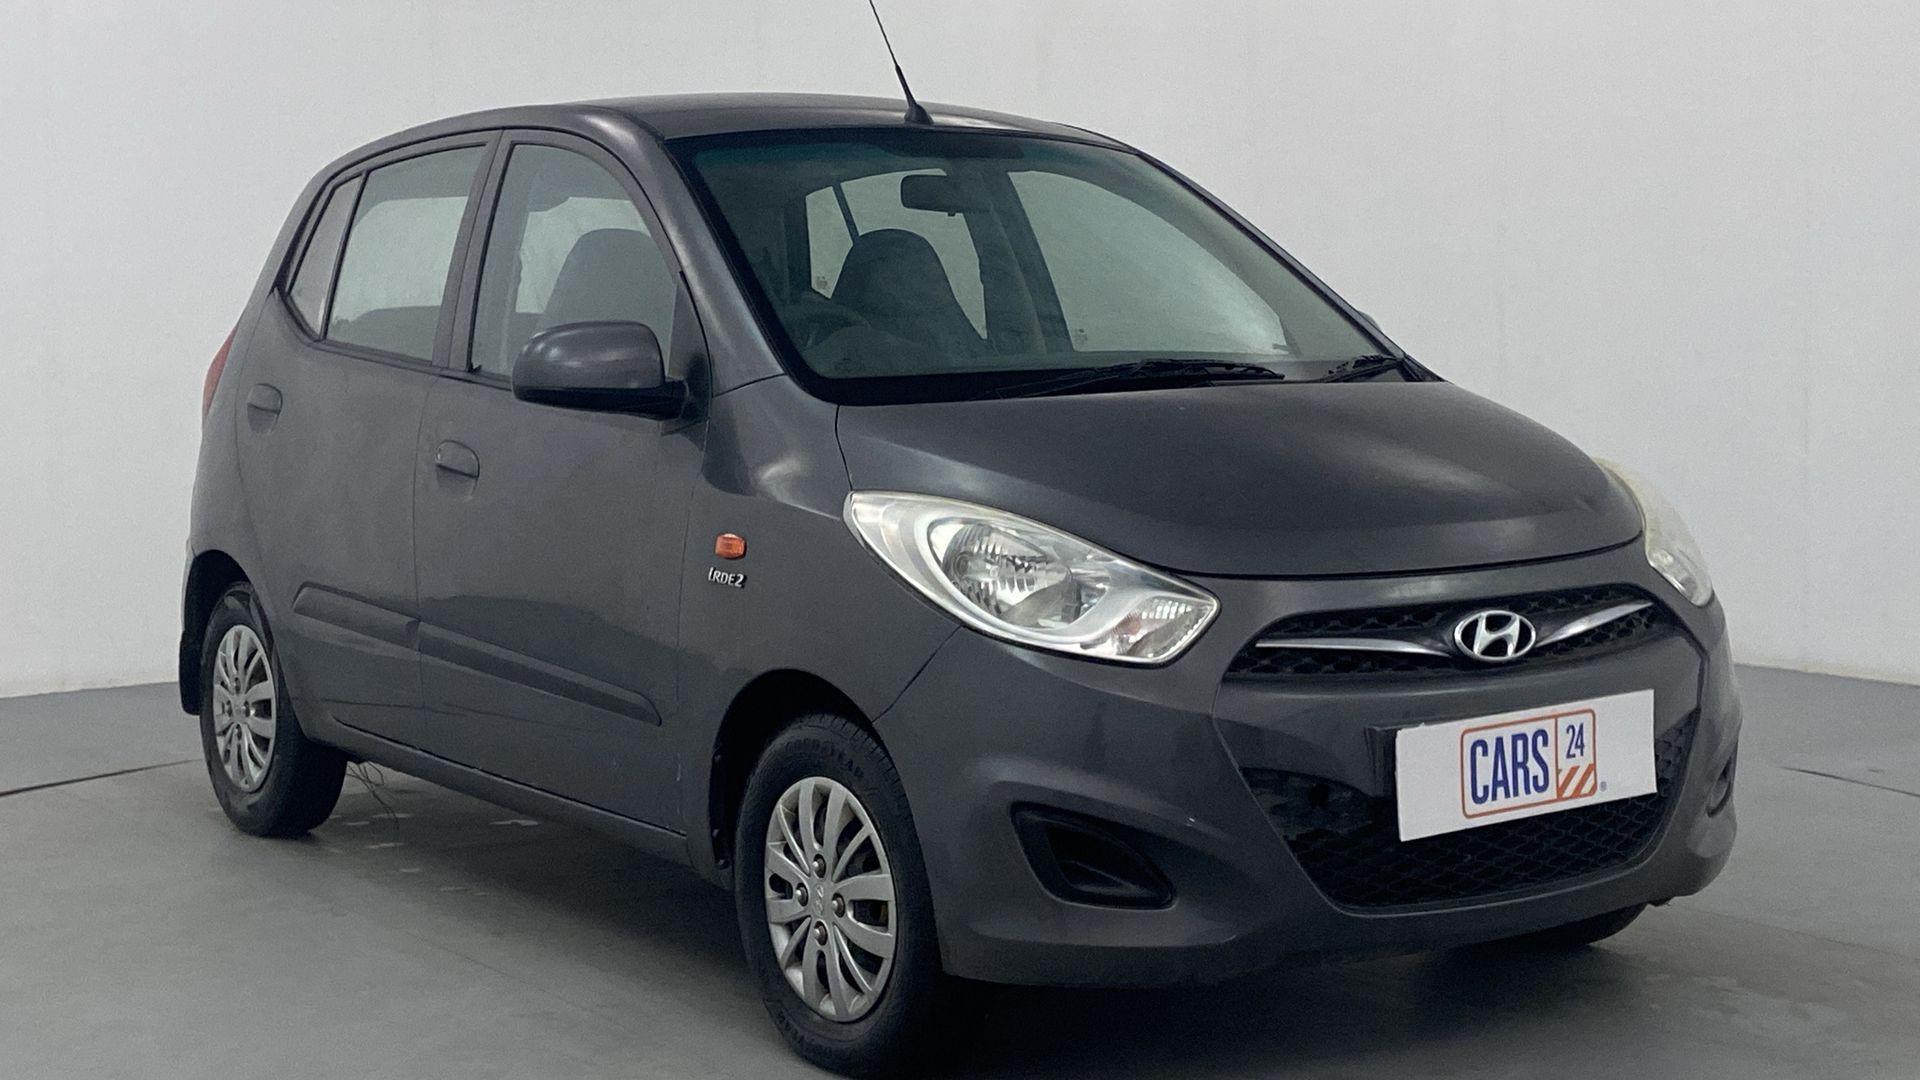 2013 Hyundai i10 MAGNA 1.1 LPG